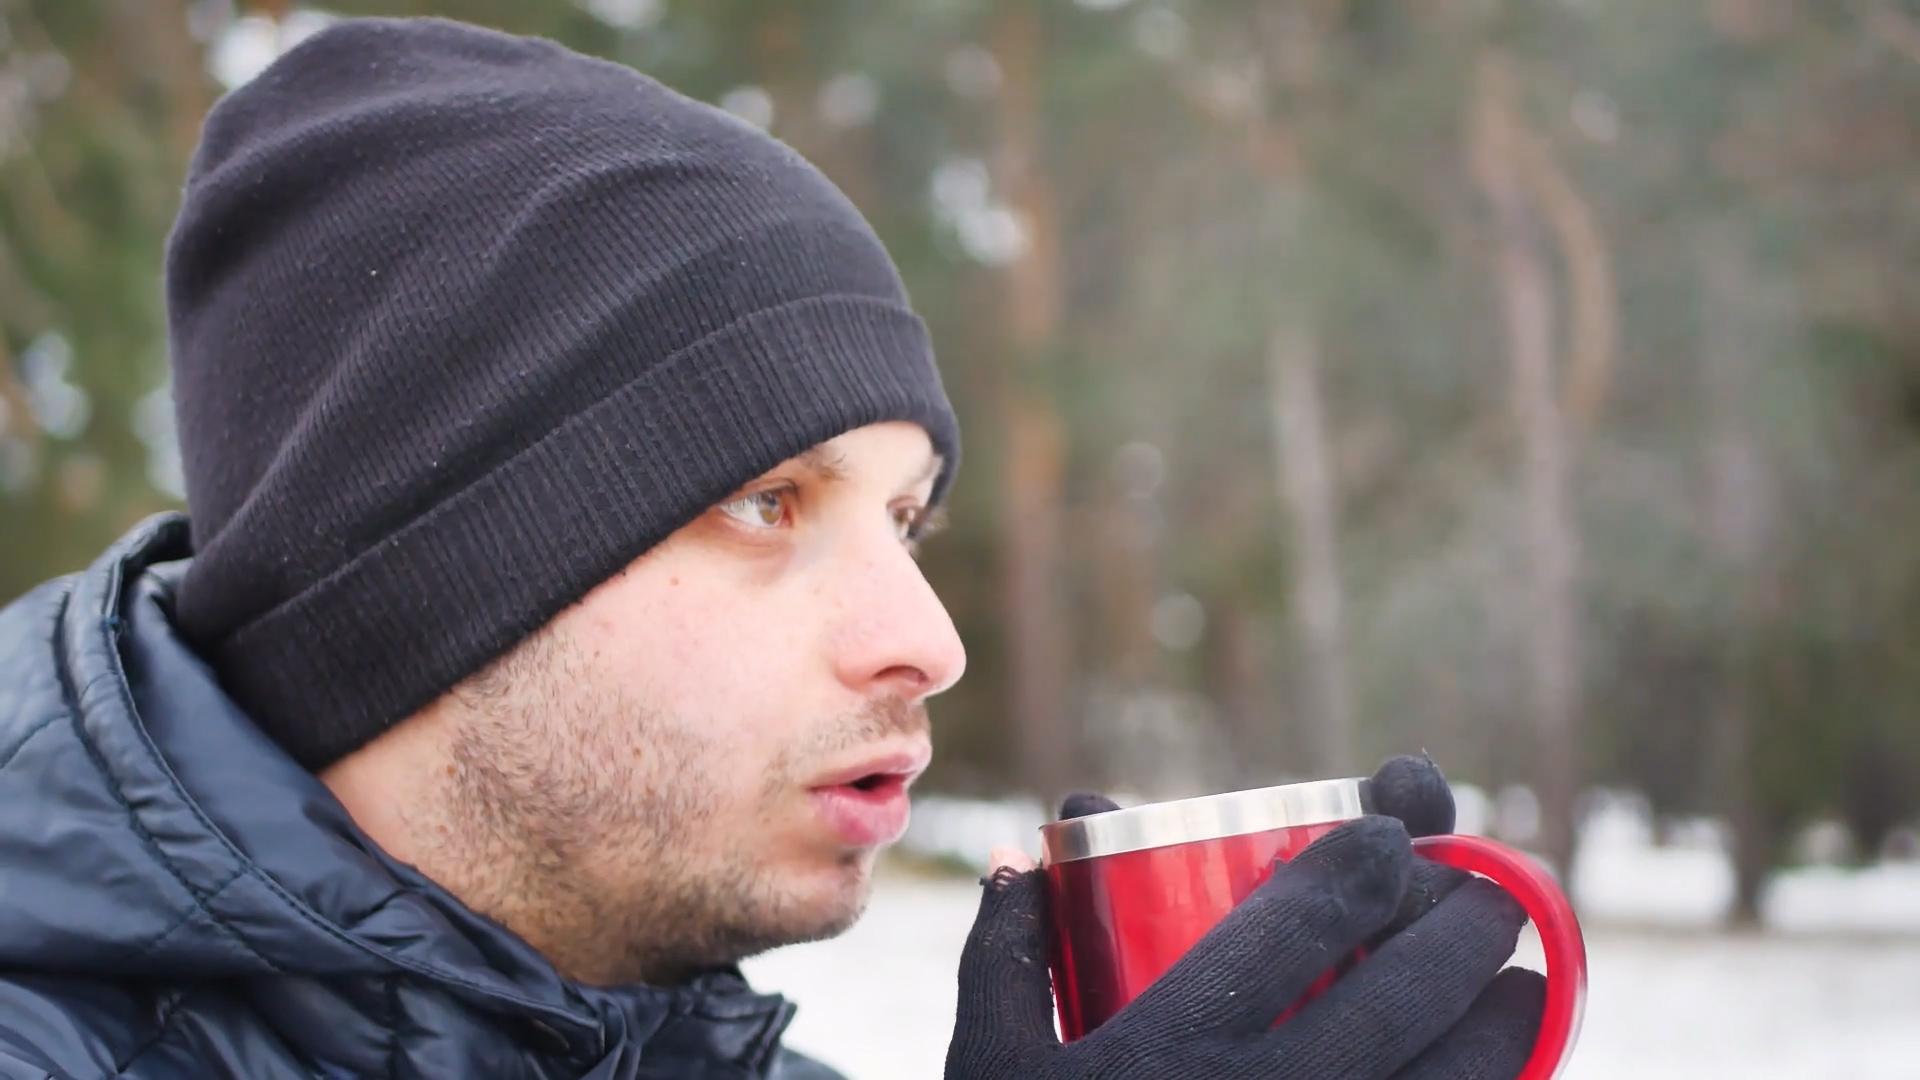 Nie pij kawy i alkoholu, gdy na dworze jest zimno